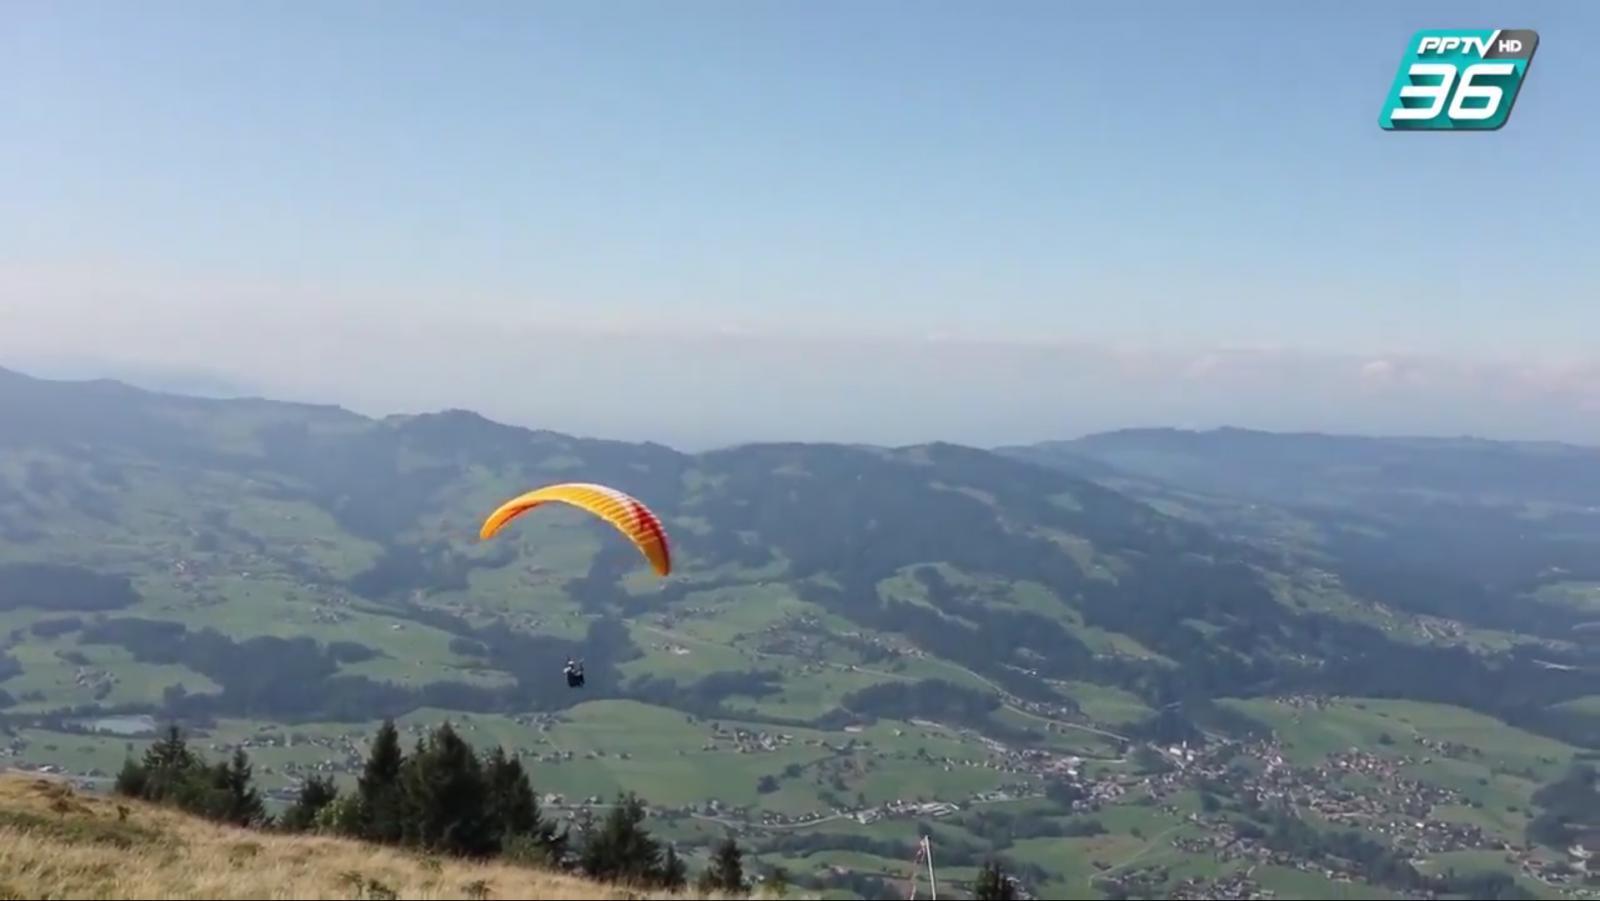 ท้าทายความสูงที่เมืองเบเซา กิจกรรมสุดฮิตที่ประเทศออสเตรีย